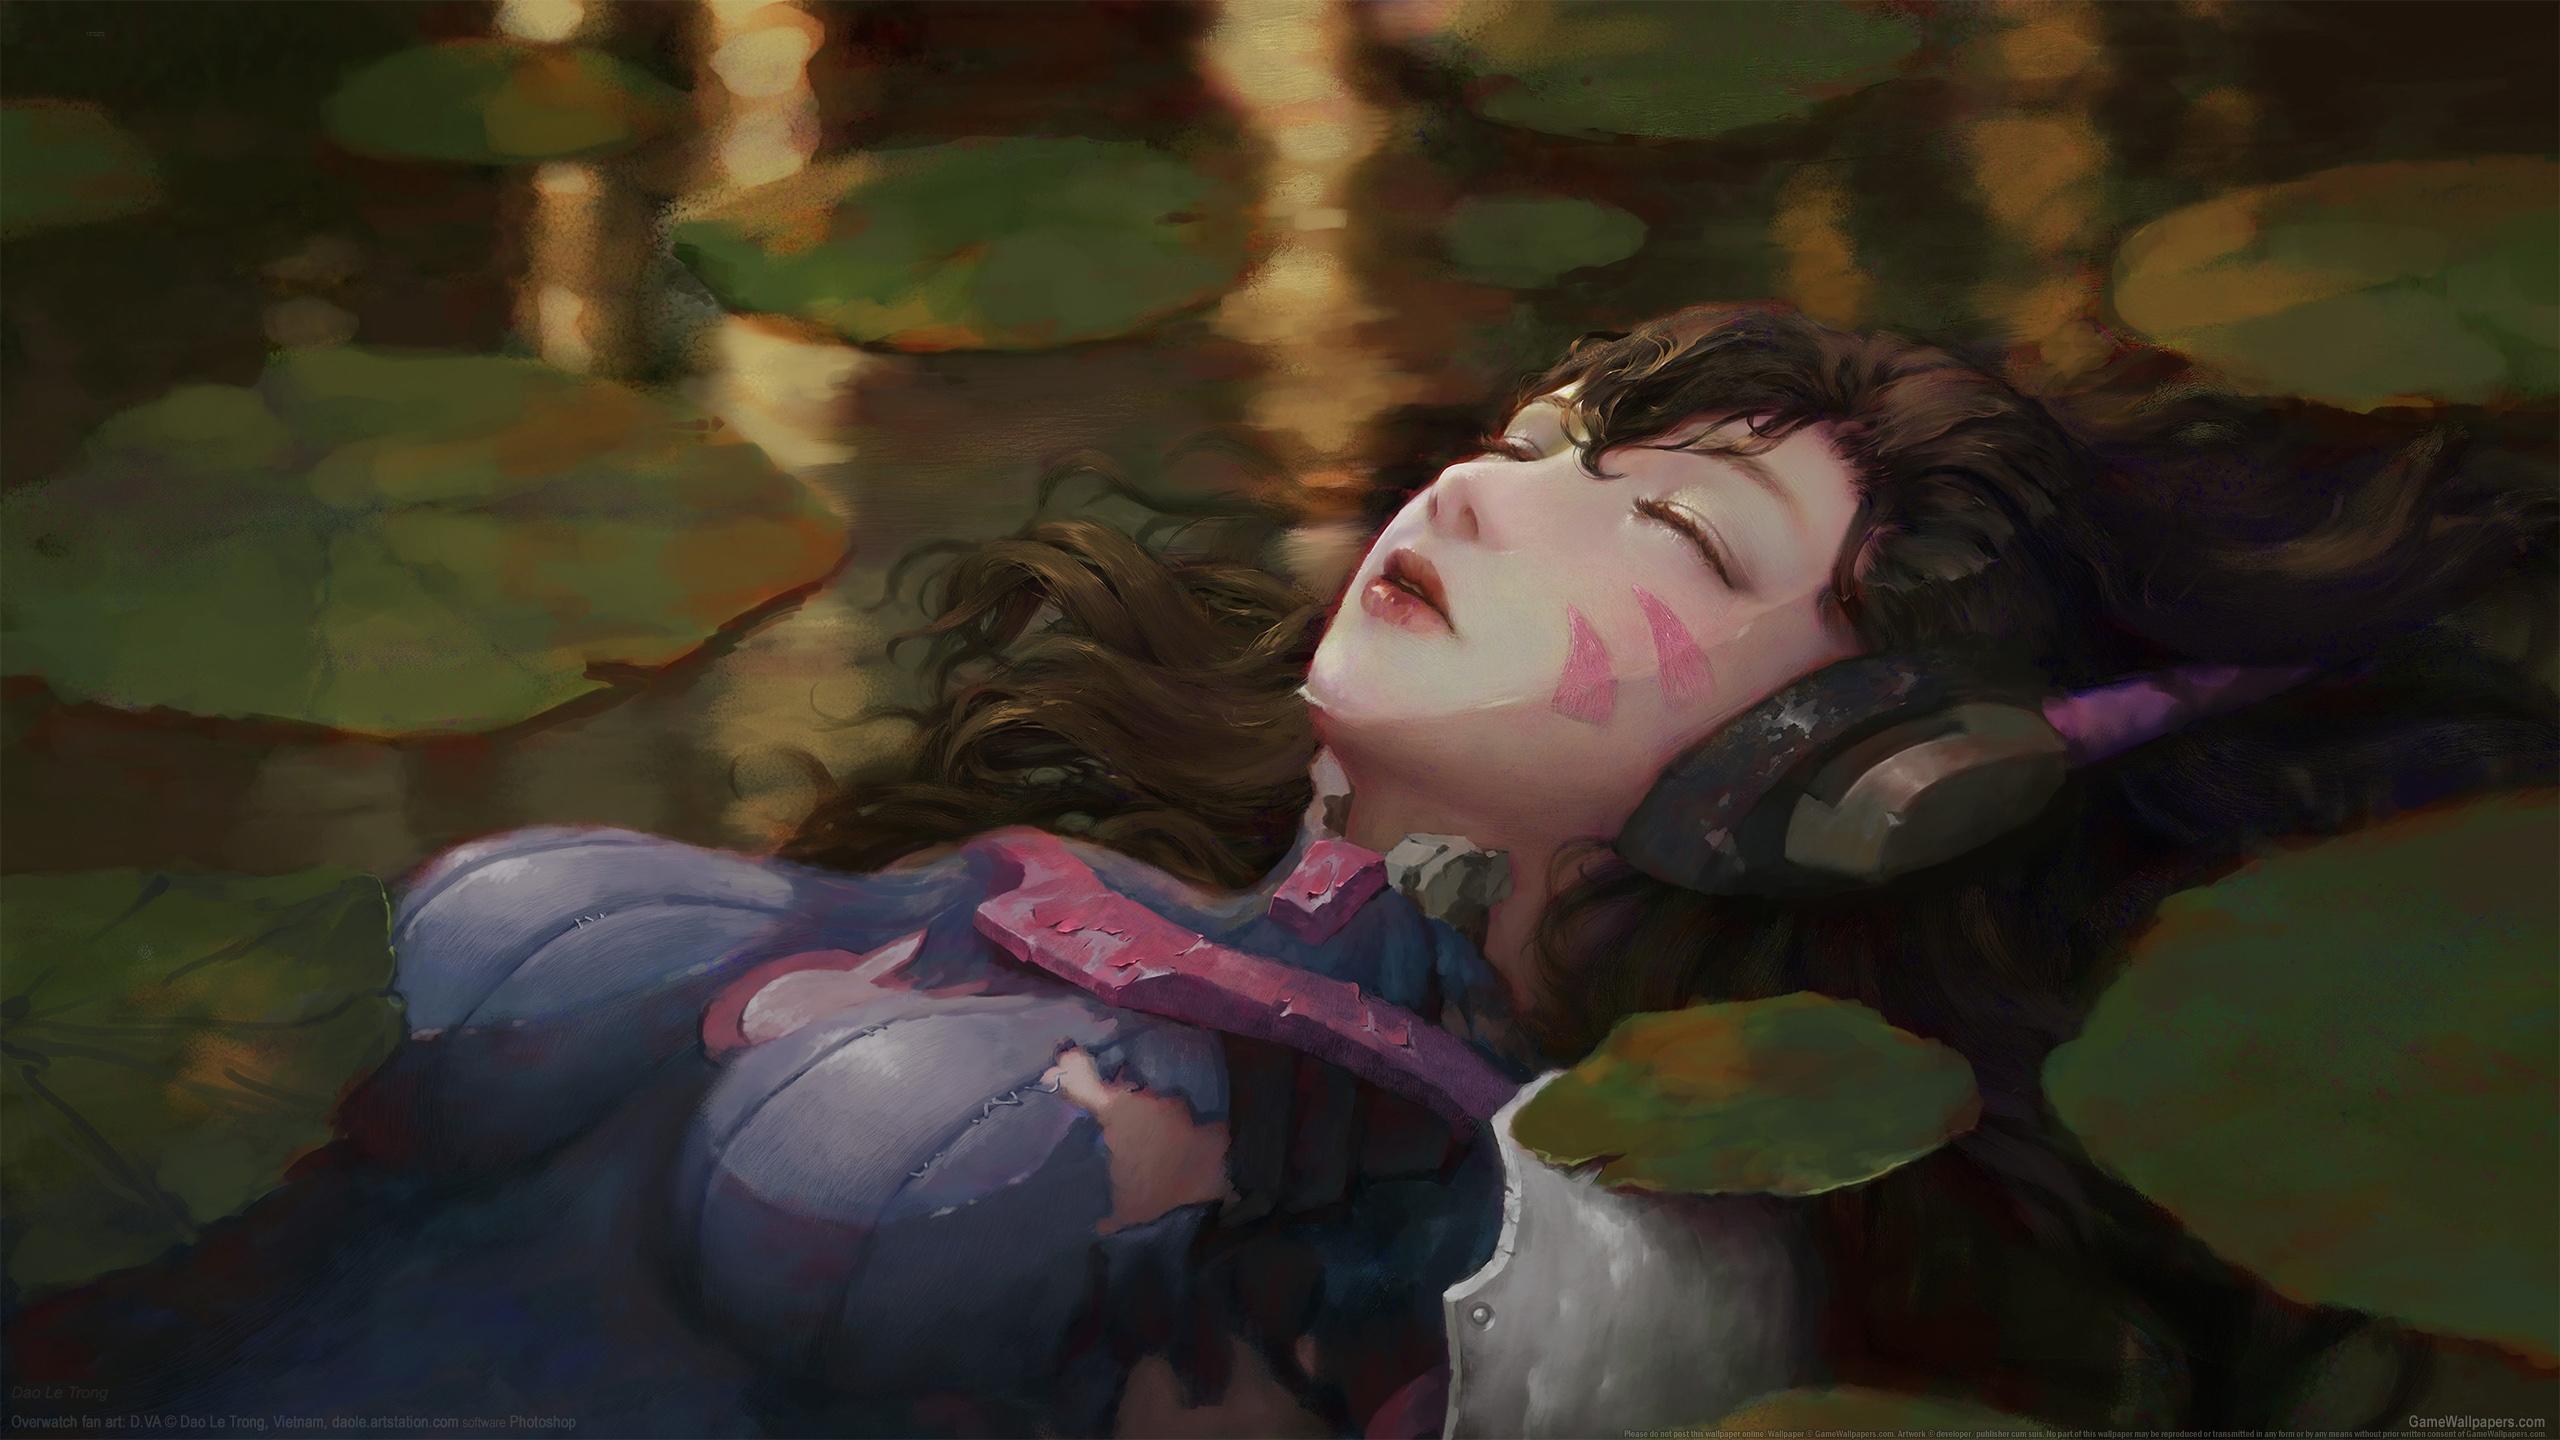 Overwatch fan art 2560x1440 wallpaper or background 02